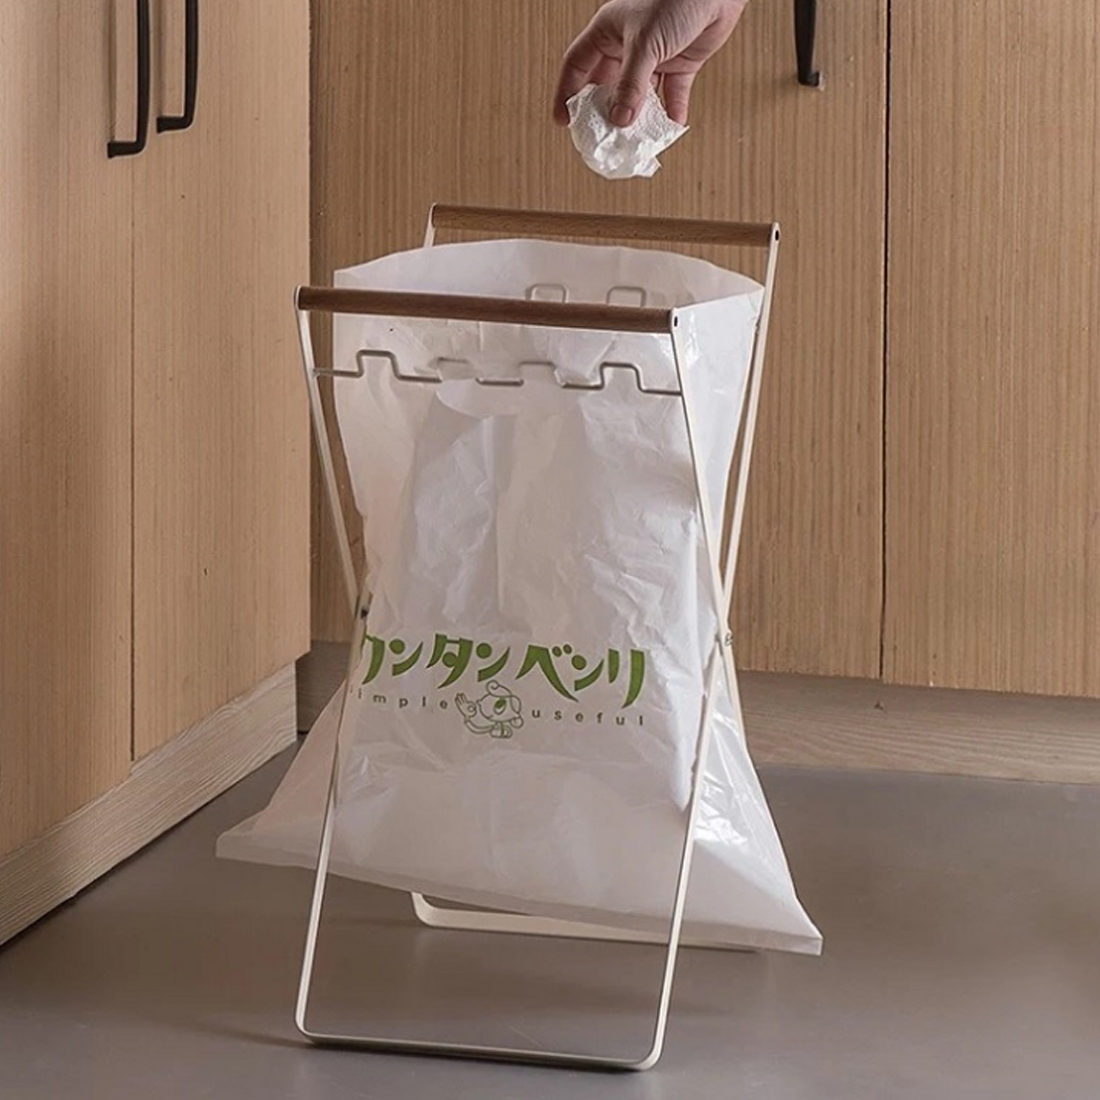 Folding Iron Art Garbage Bag Bracket Rubbish Storage Rack Black White Home Organization